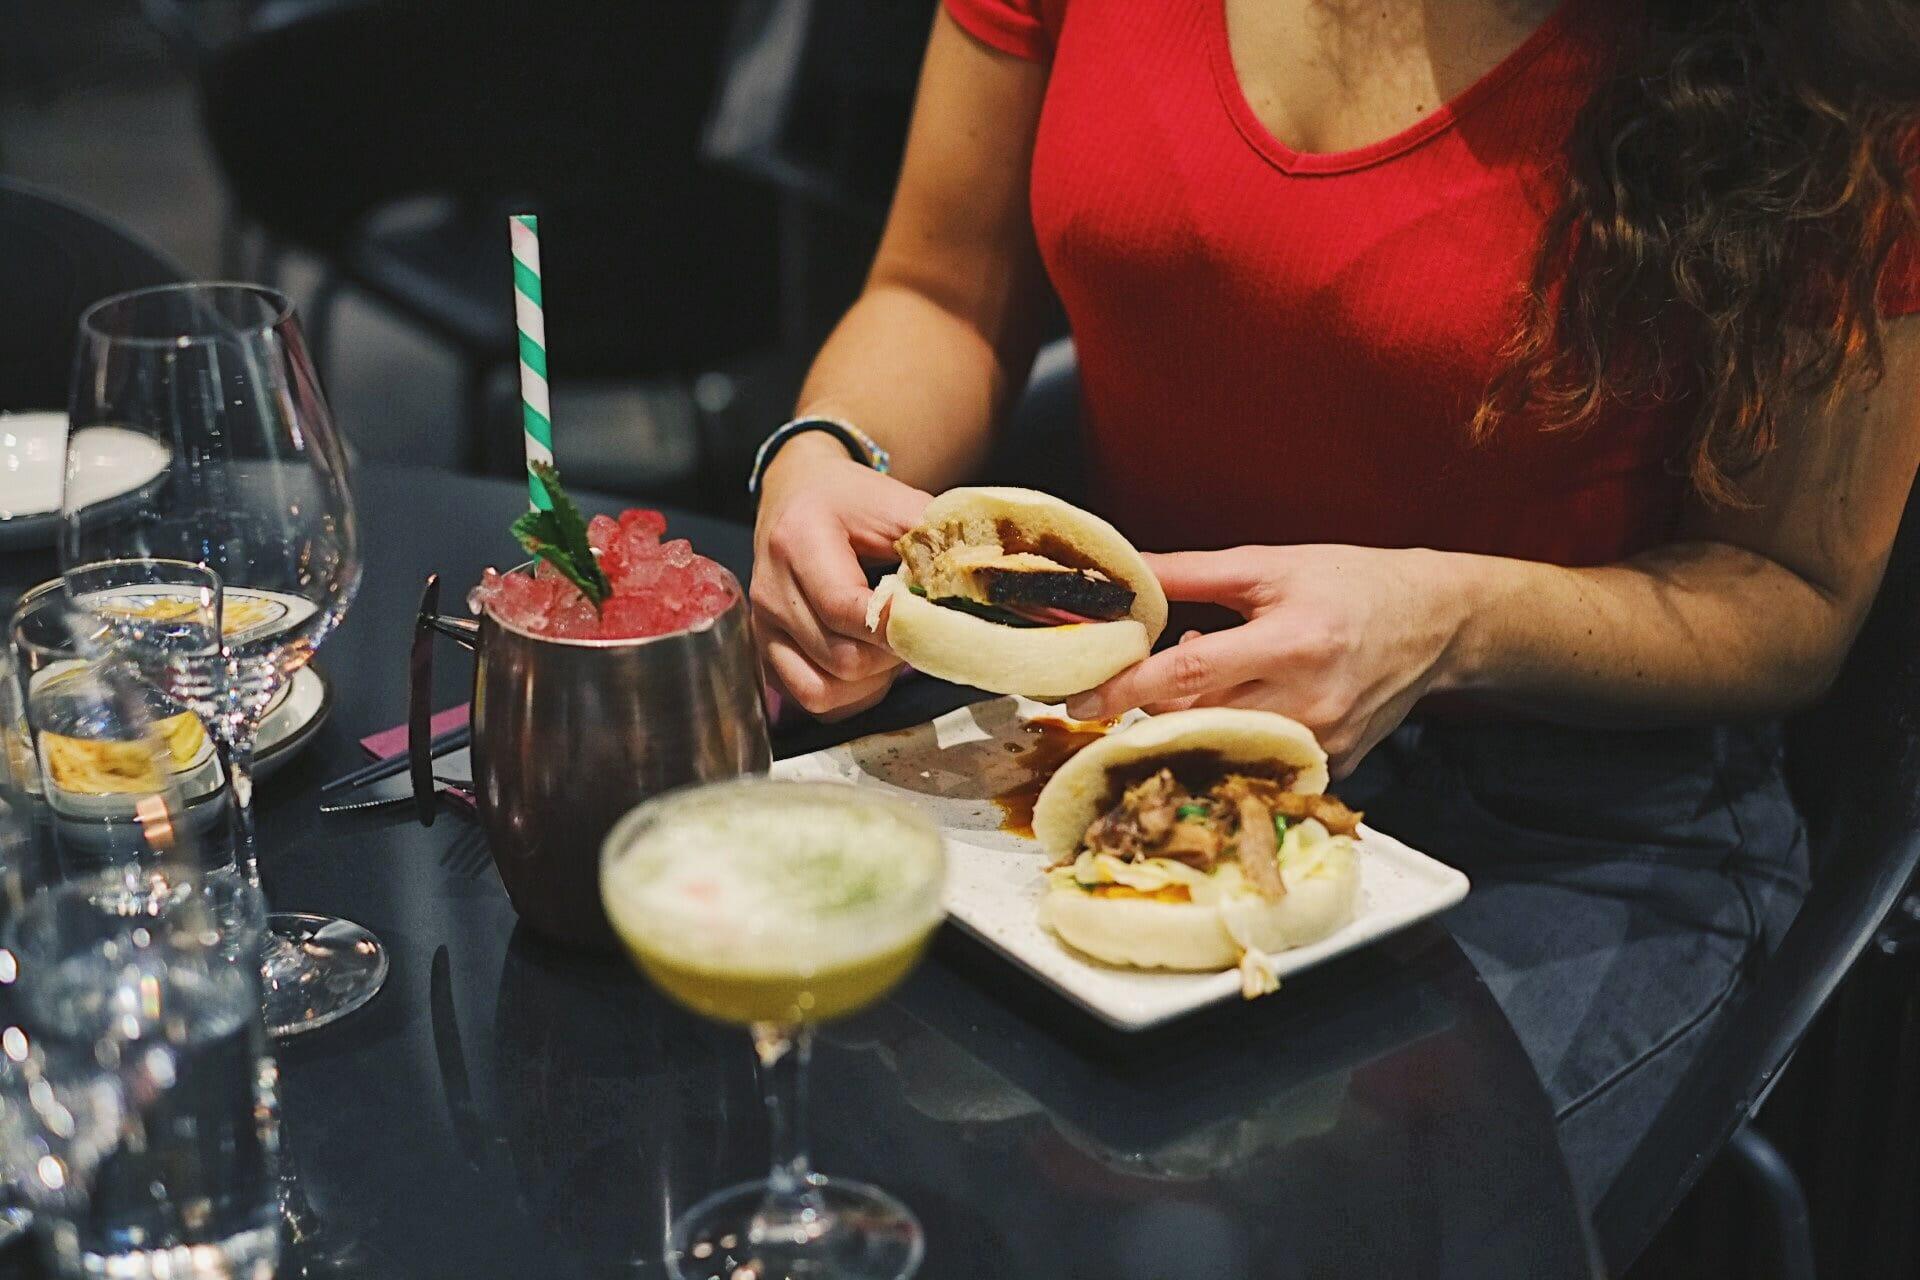 Lokal Izakaya, Restaurang tips, Matblogg, Matbilder, Foodstyling, Stockholm, Gott, Estocolmo, VisitStockholm, Livsstil, Lemon Bar, Rådhuset, Kungsholmen